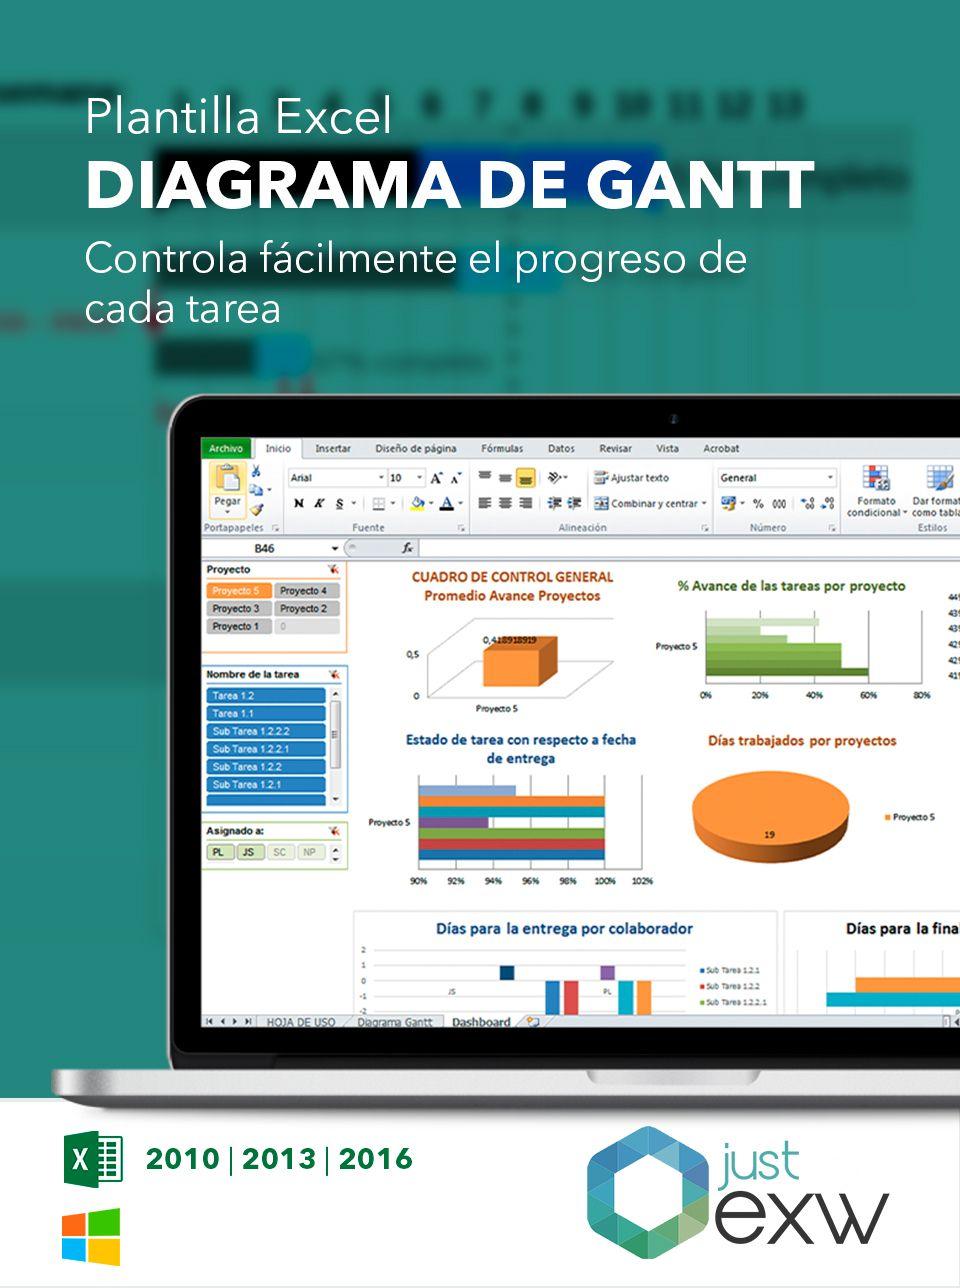 Cronograma de actividades en Excel | Diagrama de Gantt en Excel